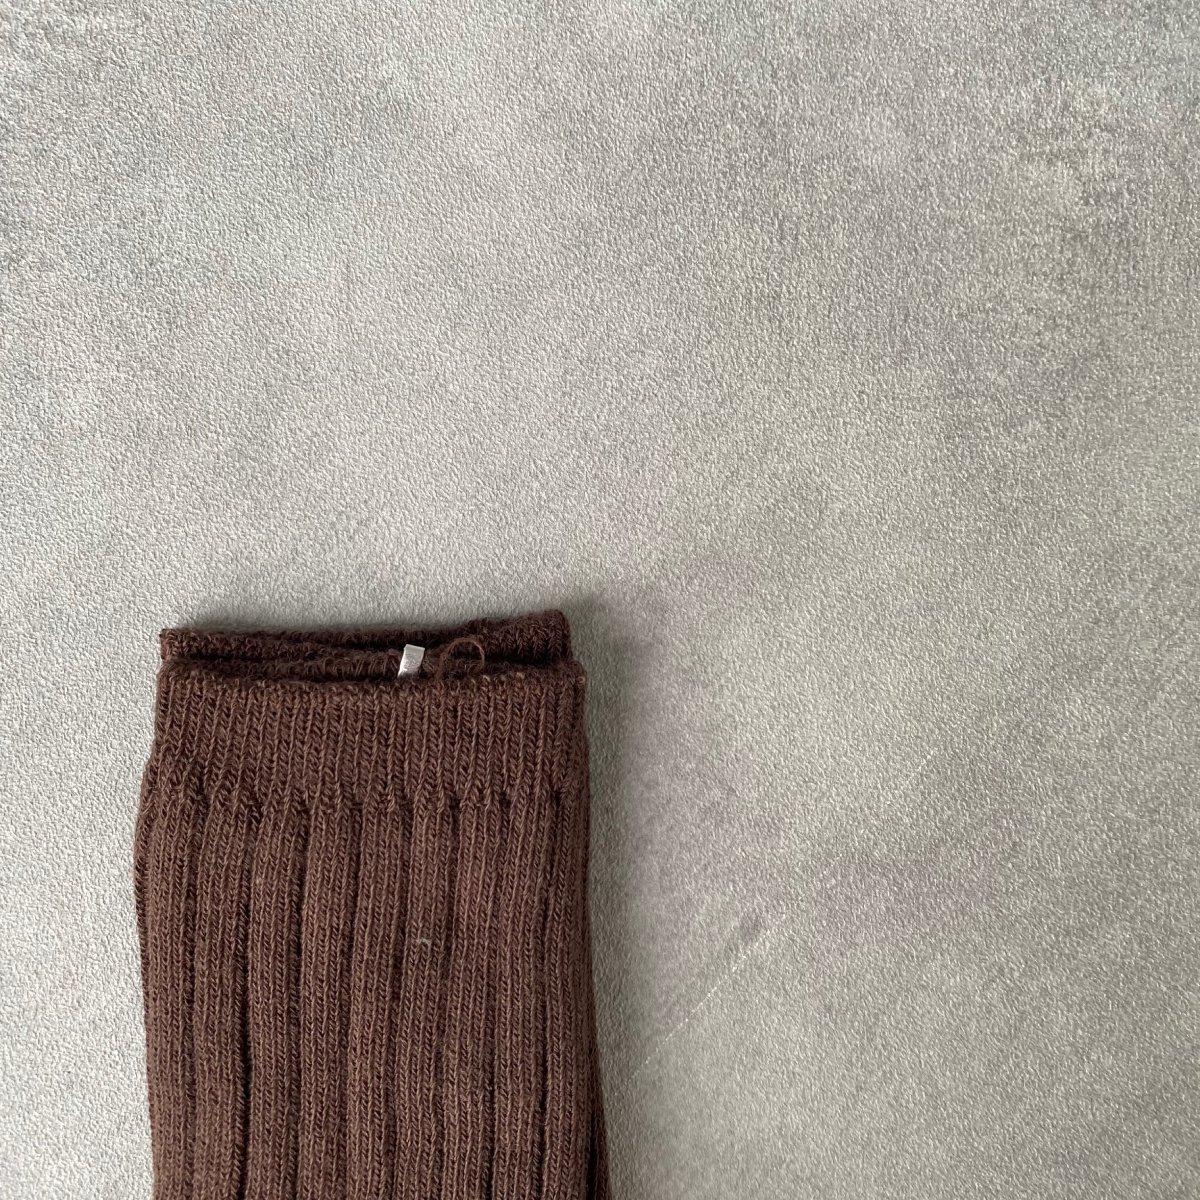 【KIDS】Pistachio Socks 詳細画像18